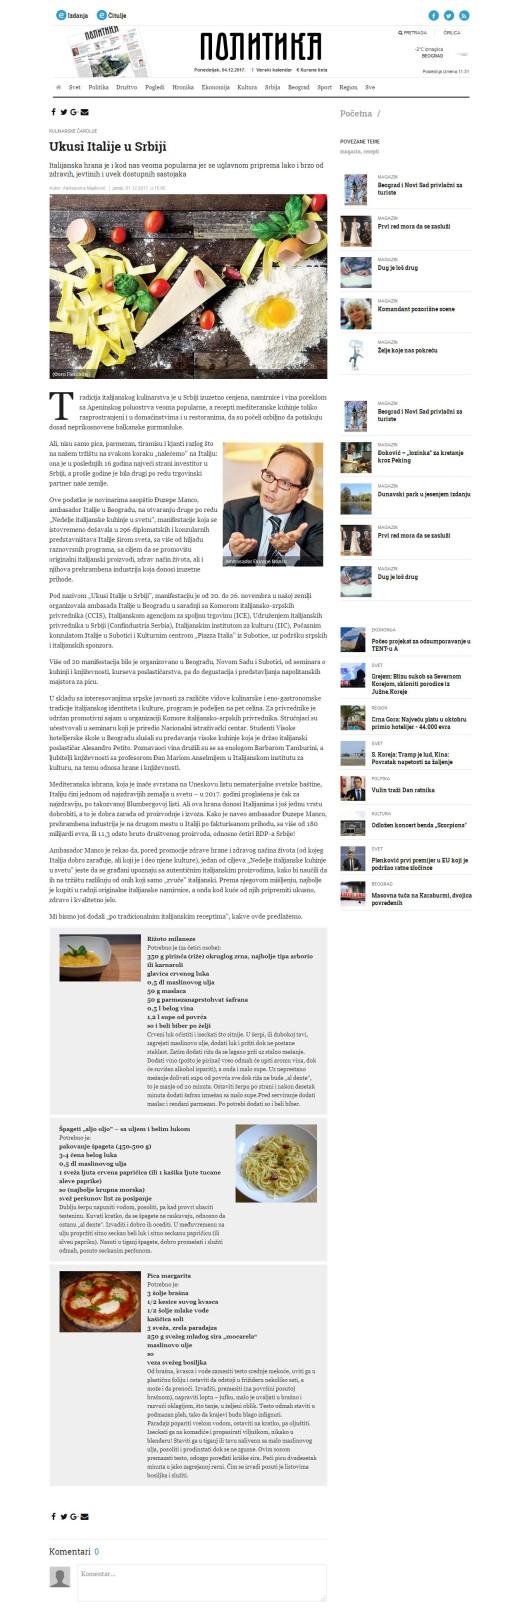 0112 - politika.rs - Ukusi Italije u Srbiji